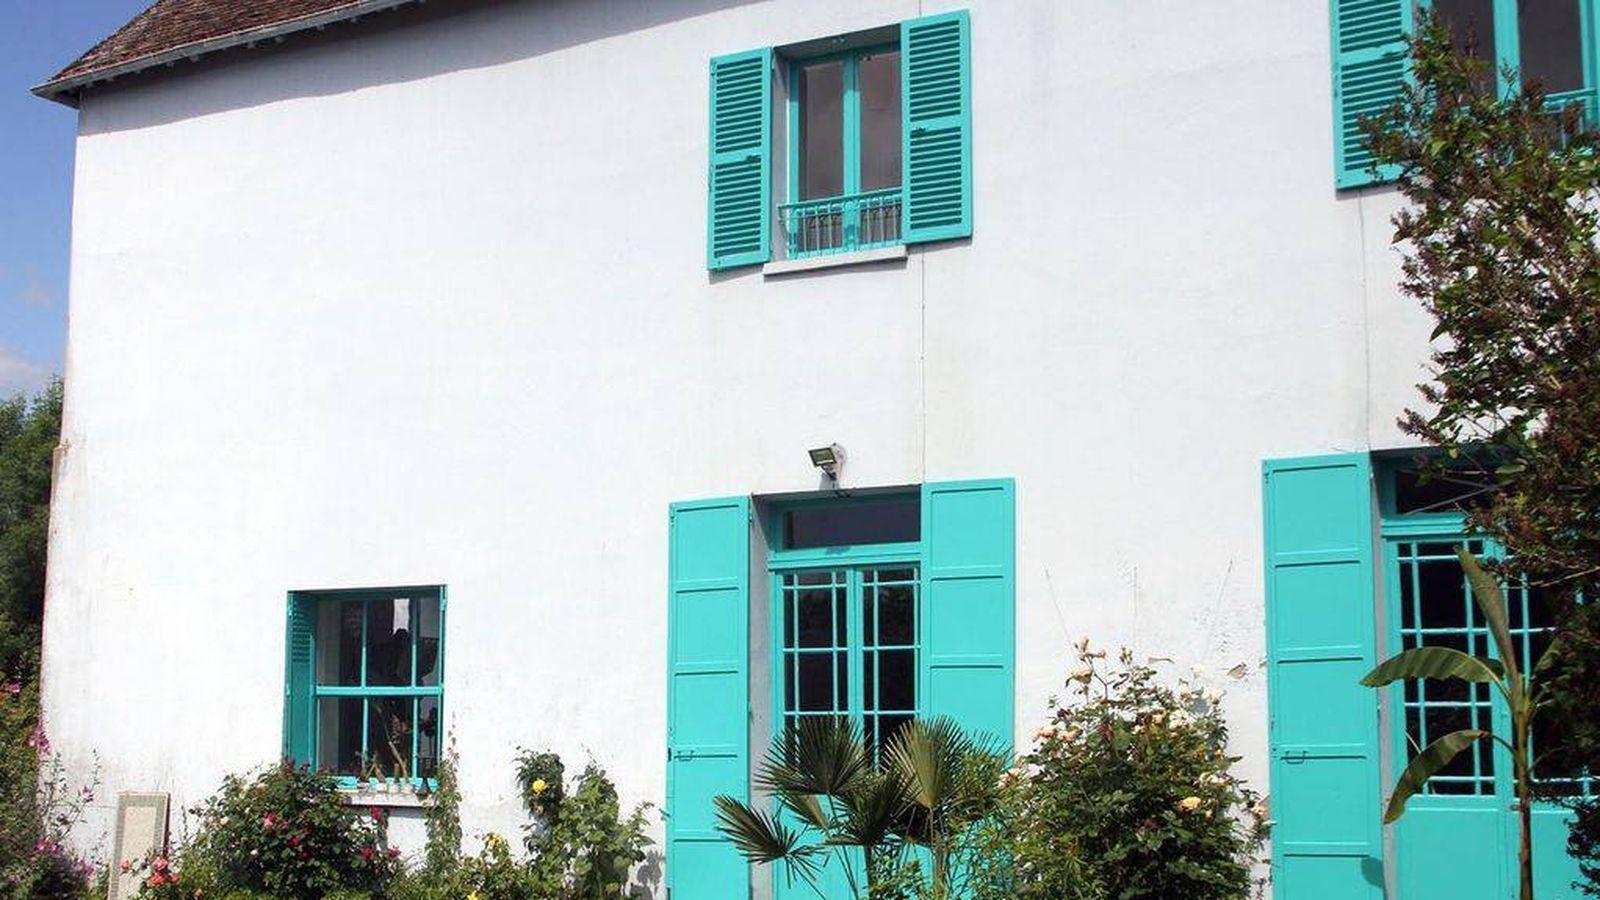 Foto: La casa azul que también fue de Monet, en su querido (y pintado) Giverny. (Cortesía)